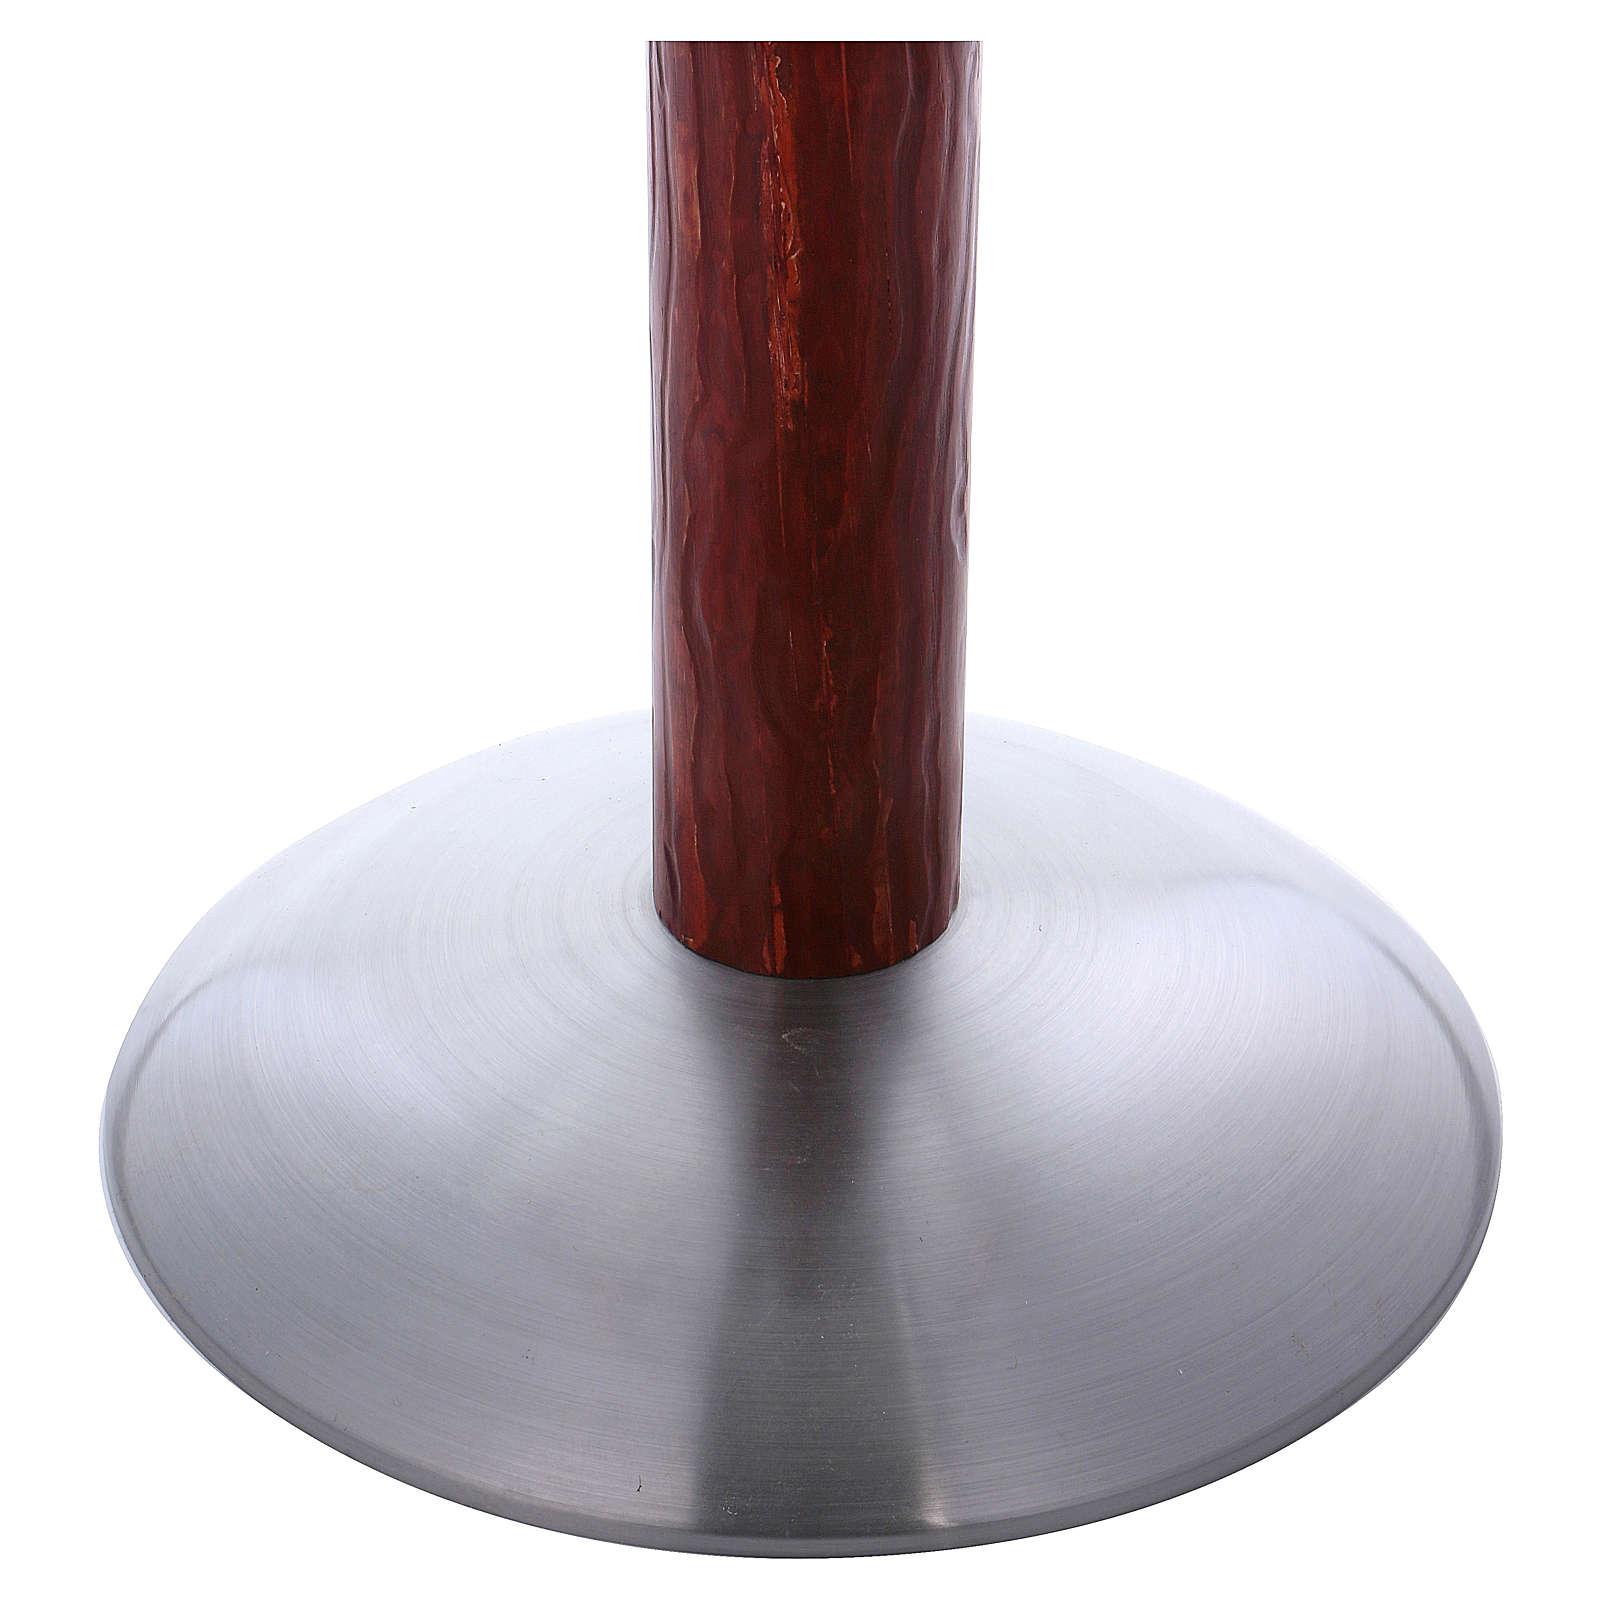 Paschal Candle Holder, Columna model 4